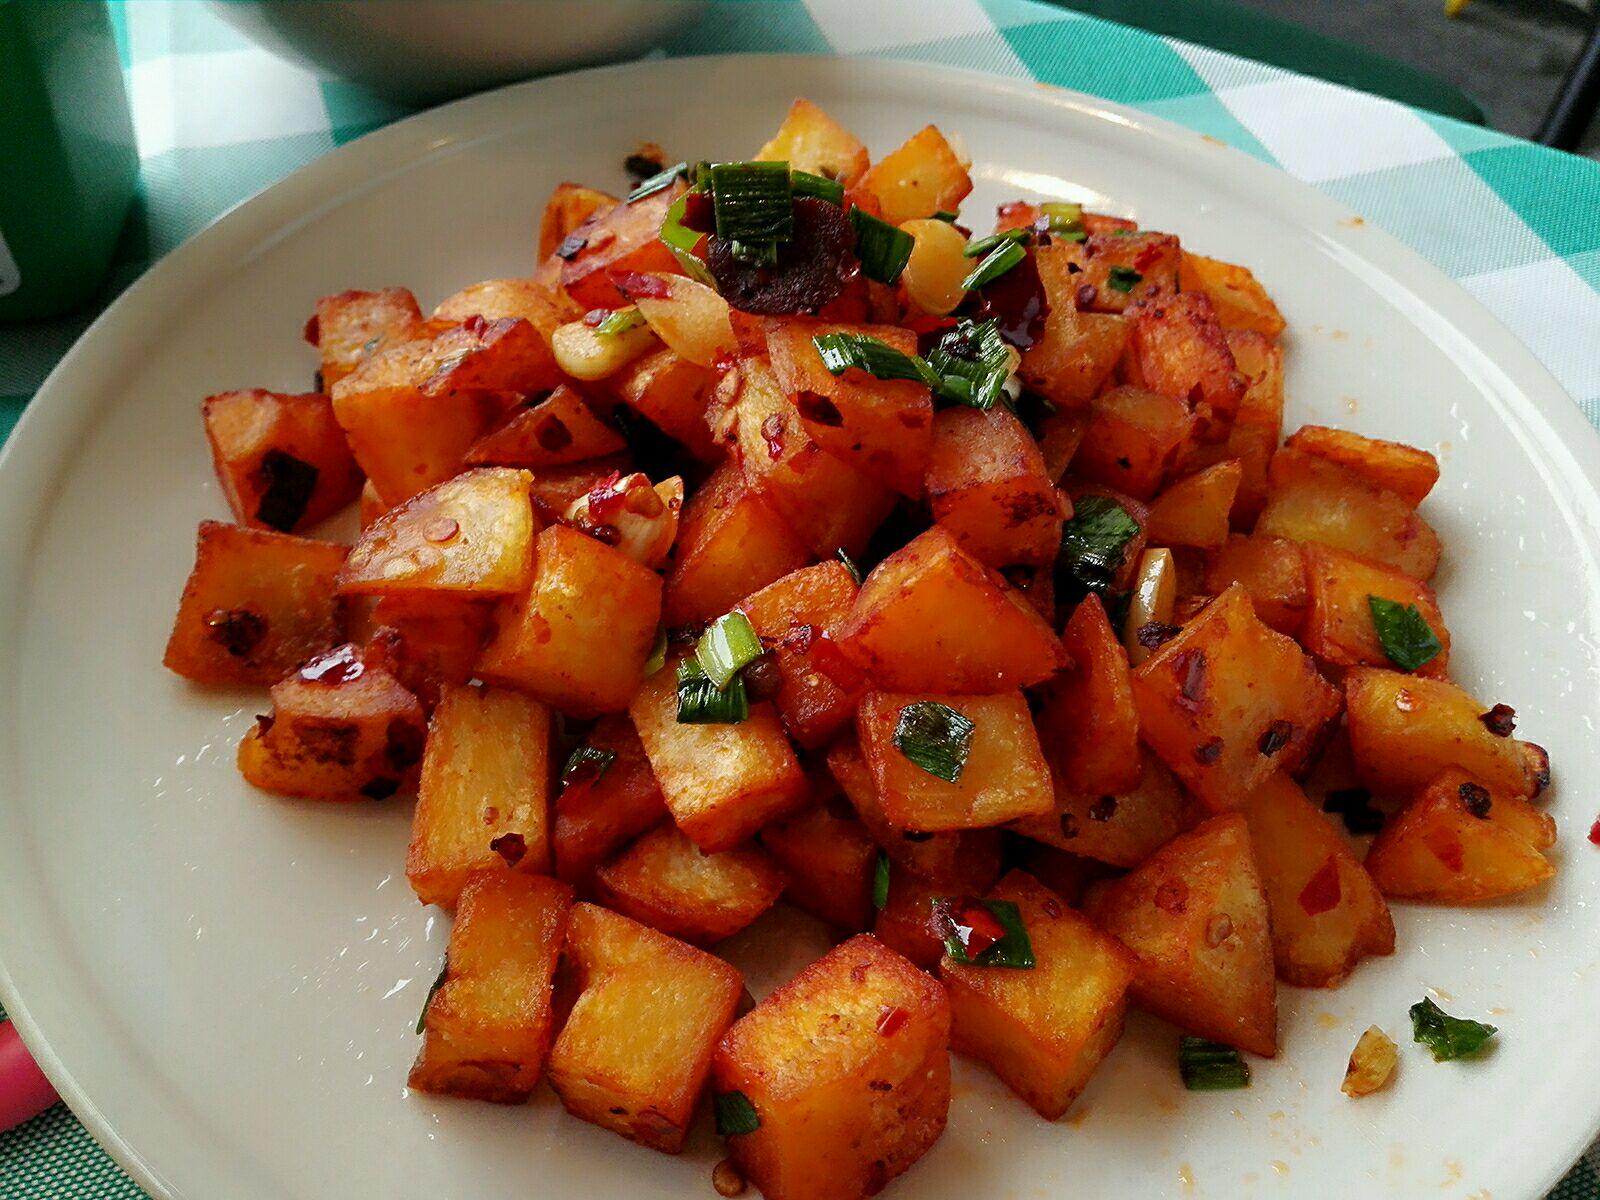 1. 一:土豆洗干净,去皮,切成方丁。 二:往锅里加入水,烧开之后煮土豆,一定要把土豆煮熟。煮熟之后,捞出来过一下冷水,让土豆冷却下来。 三:往锅里加入食用油,把煮过之后的土豆放在锅里油炸,炸到外面一层为金黄色的,就可以捞出来备用了。 四:锅里放入少许食用油,油温起来之后放入一勺郫县豆瓣,放入切好的蒜头和生姜(两三小块就行了)加入少量白糖 五:步骤四炒出香味之后,把之前炸过的土豆放入锅里翻炒,然后加入花椒粉,孜然粉,适量的鸡精,最后加入葱花和蒜叶就可以出锅了。